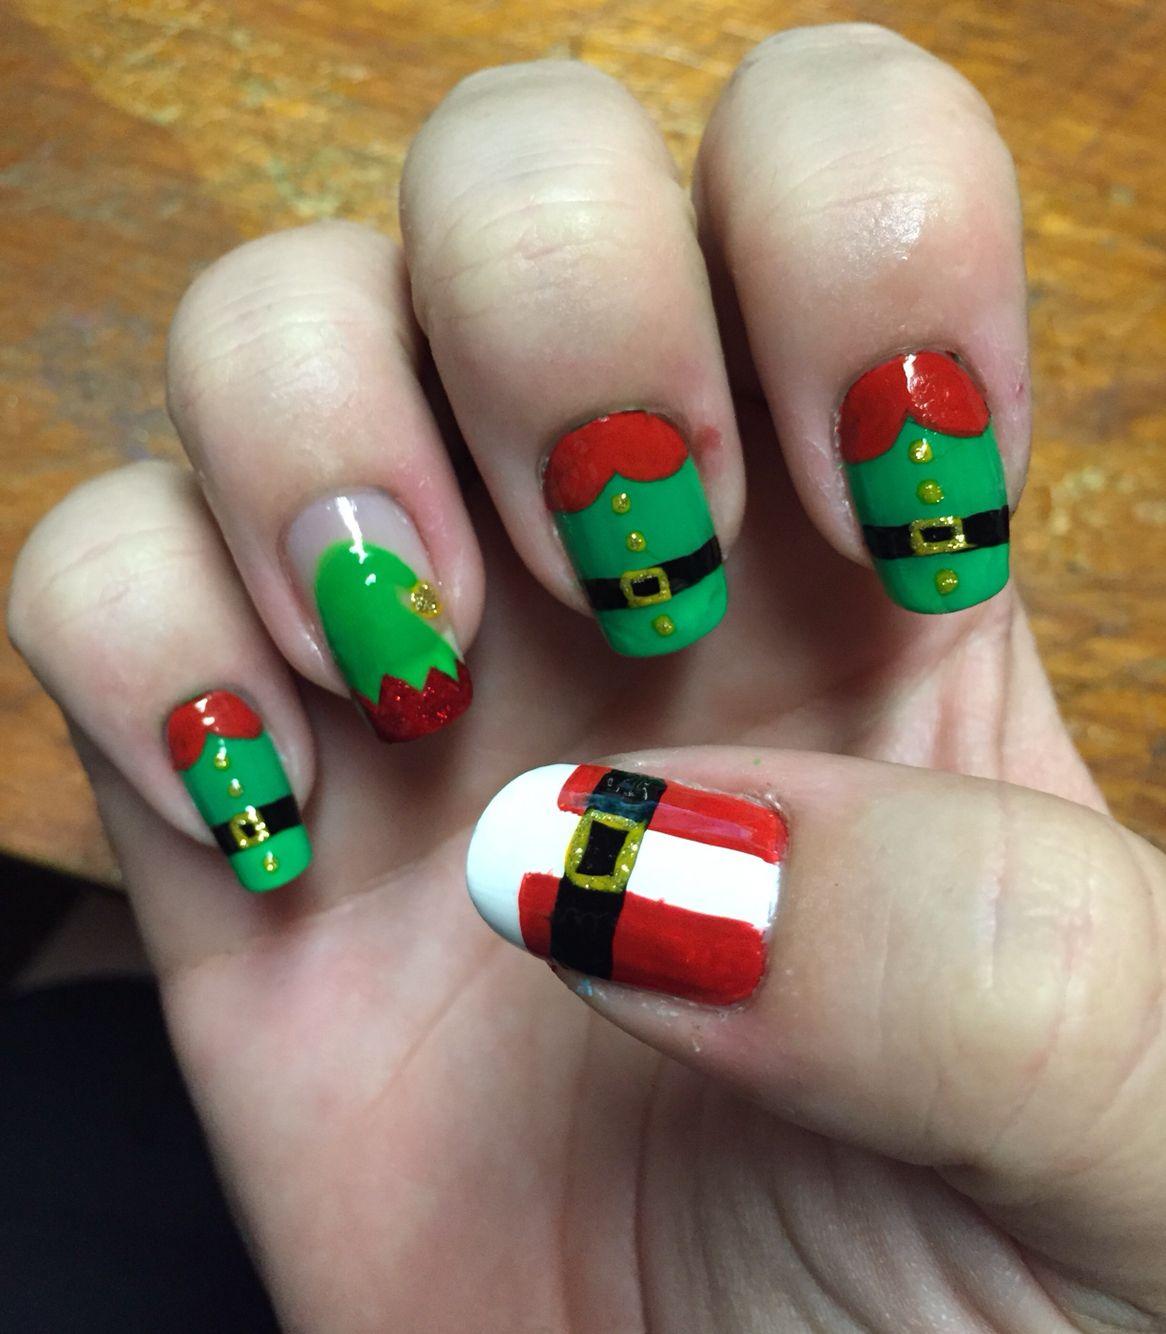 christmas nails. elf, santa, hat. green, red, gold, black. nail